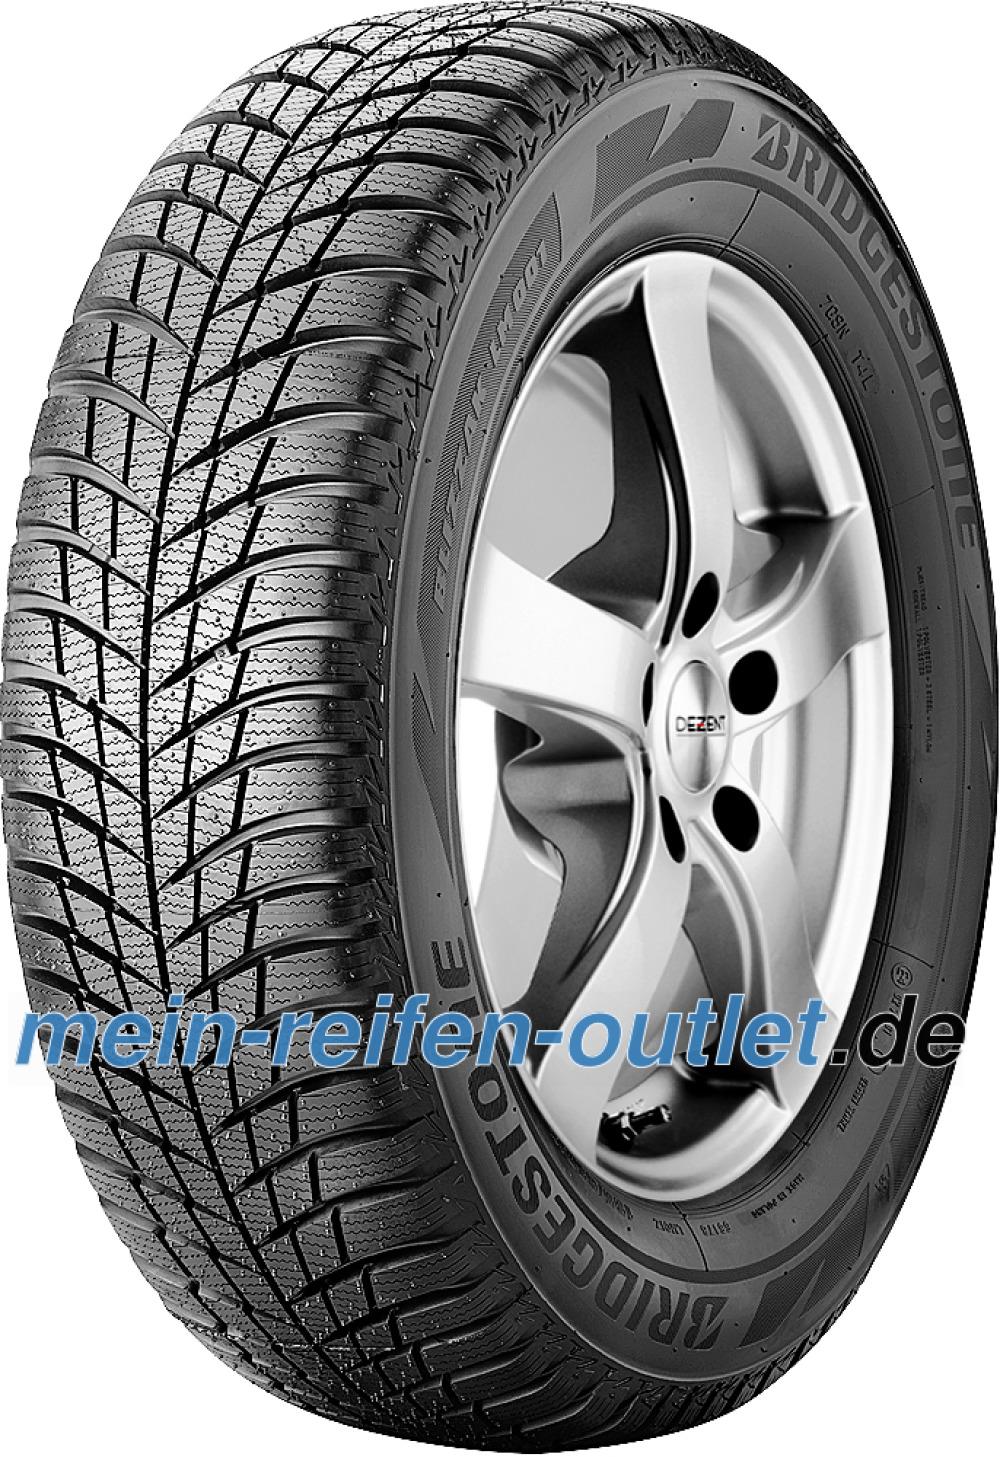 Bridgestone Blizzak LM 001 ( 225/55 R17 97H *, mit Felgenschutz (MFS) )